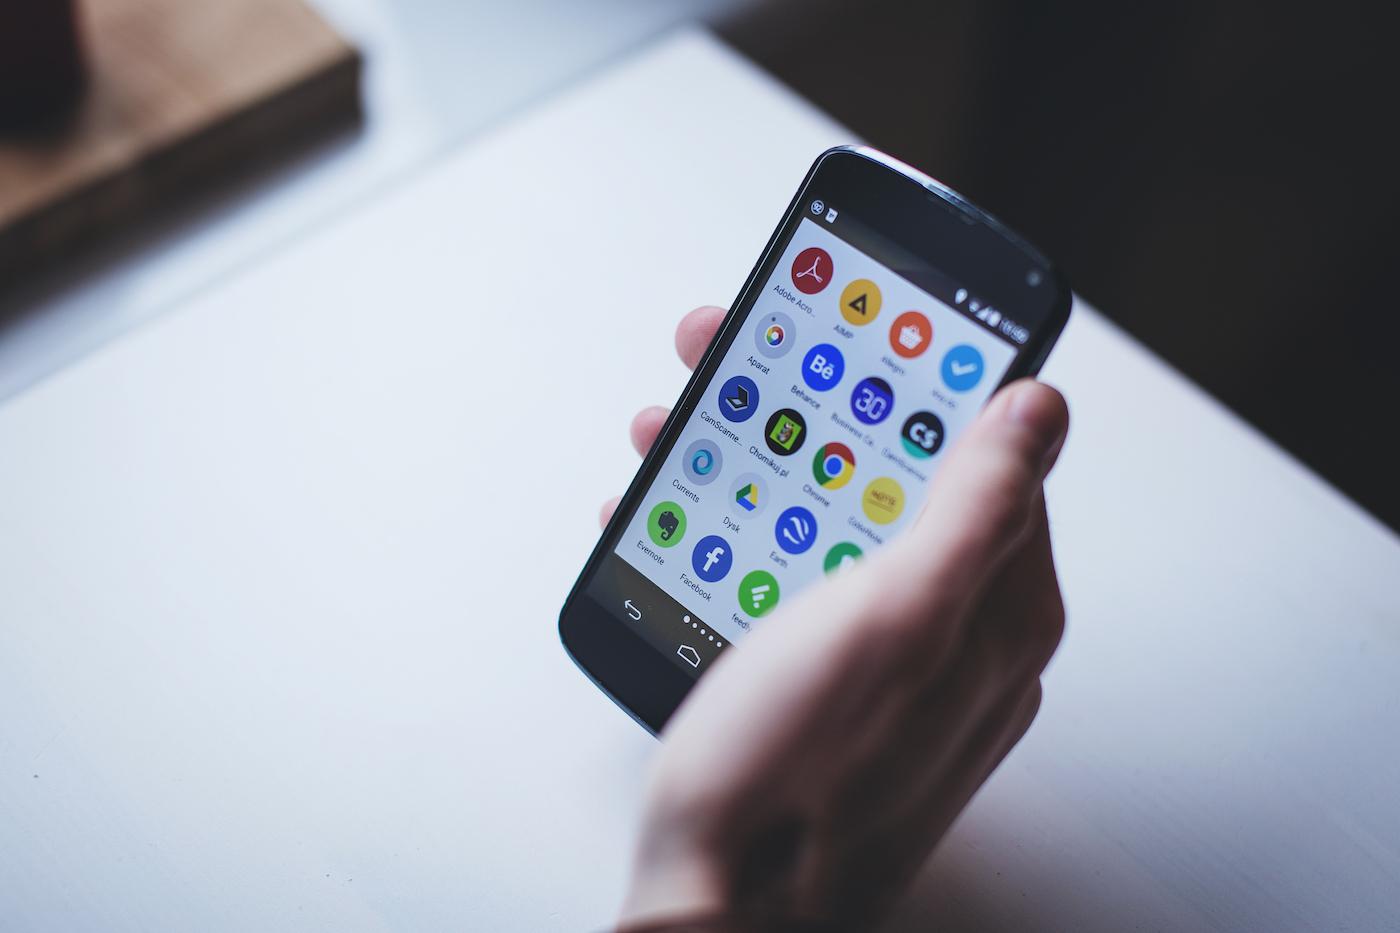 Google Nexus Smartphone apps